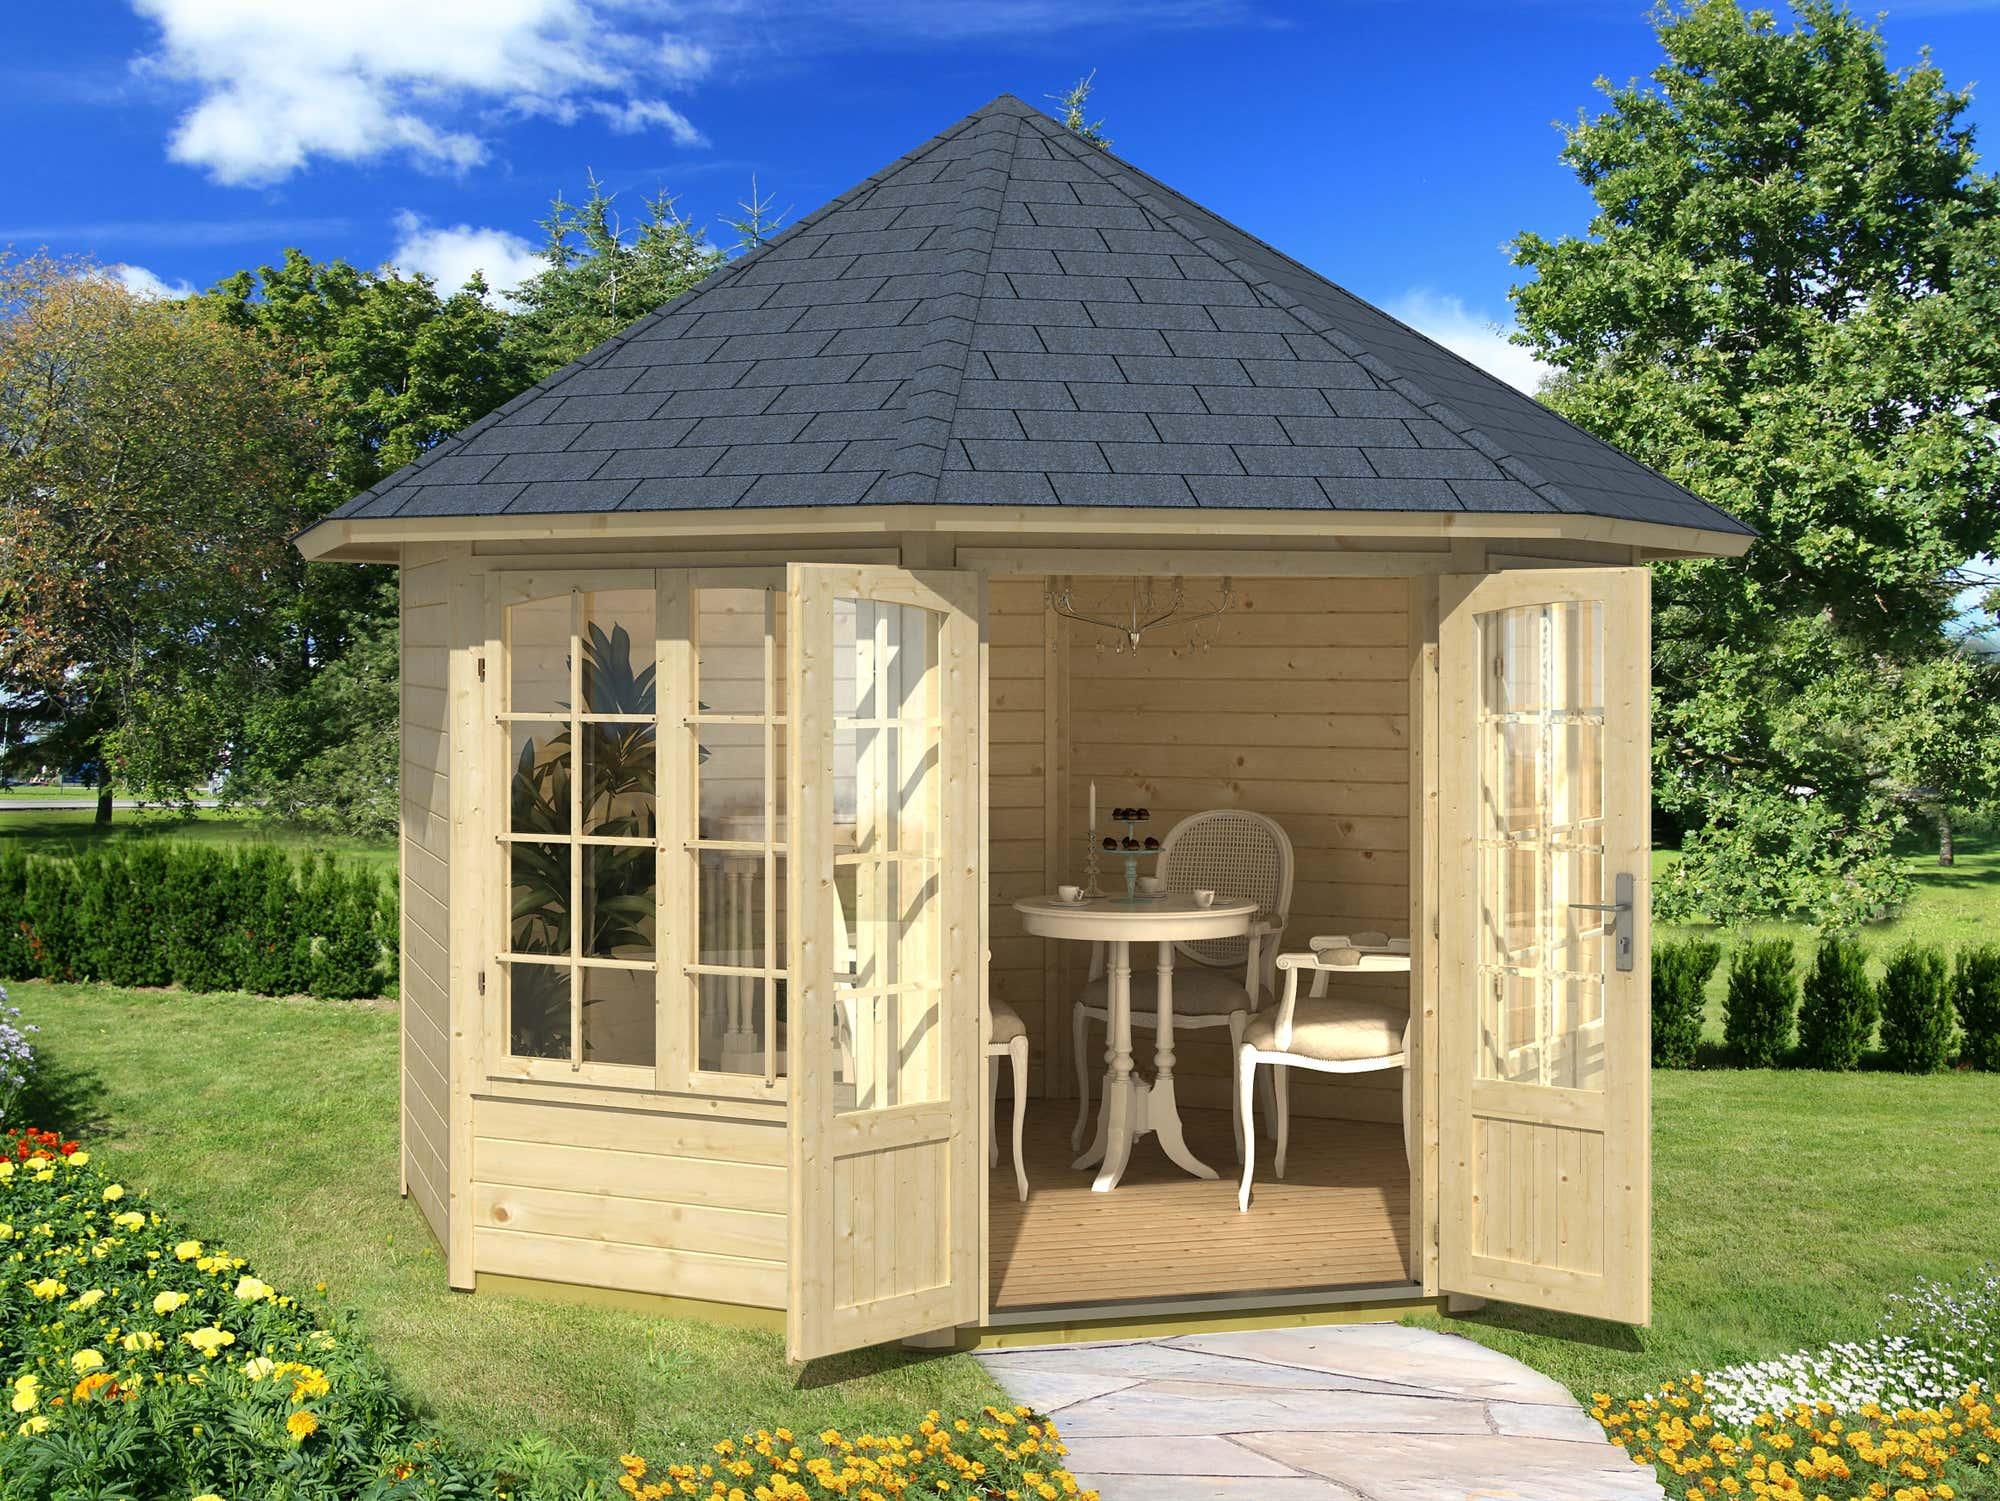 gartenhaus mit zwei r umen pultdach gartenhaus maria 28 mit anbau u schleppdach gartenhaus mit. Black Bedroom Furniture Sets. Home Design Ideas